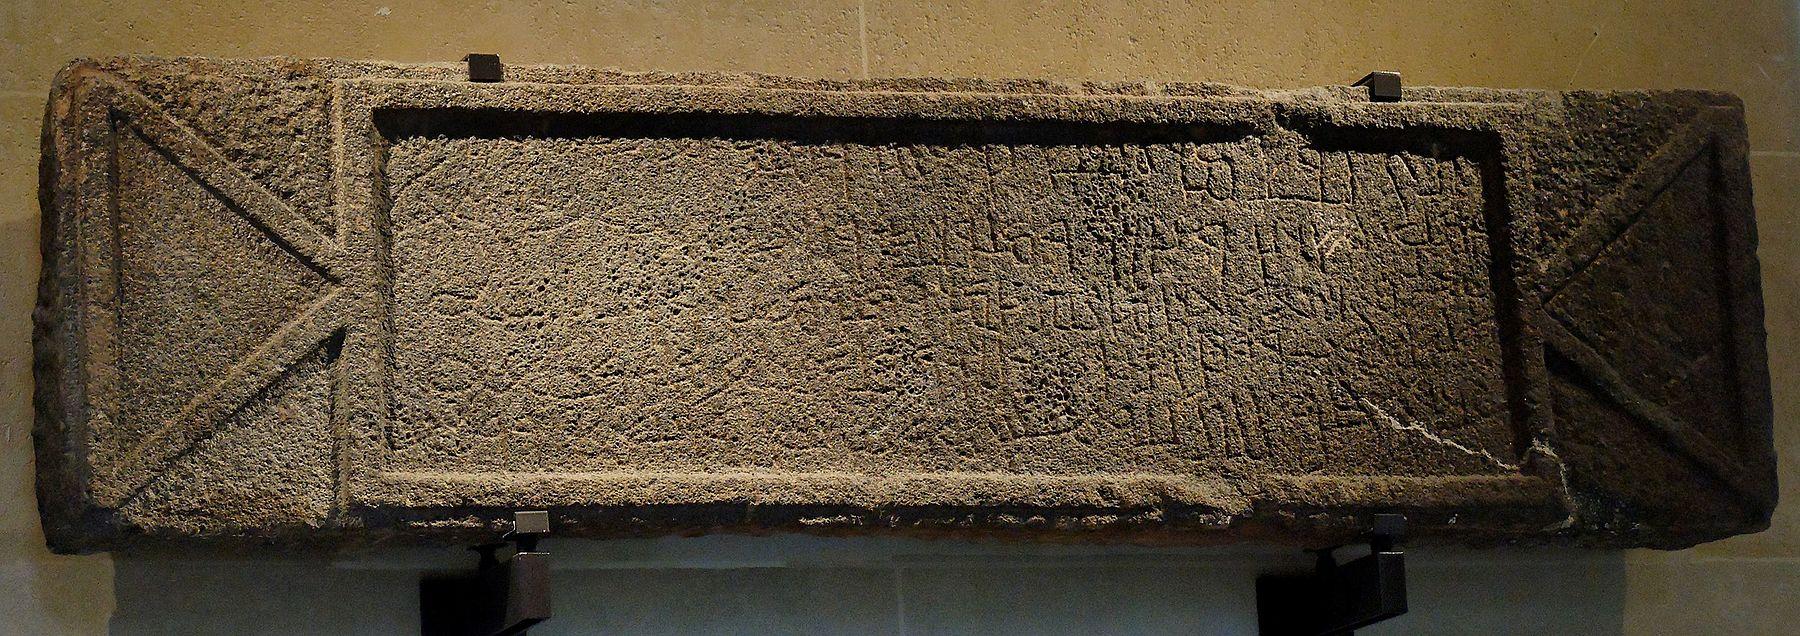 821877c1a نقش النمارة، شاهد قبر امرئ القيس بن عمرو ملك الحيرة.(3)